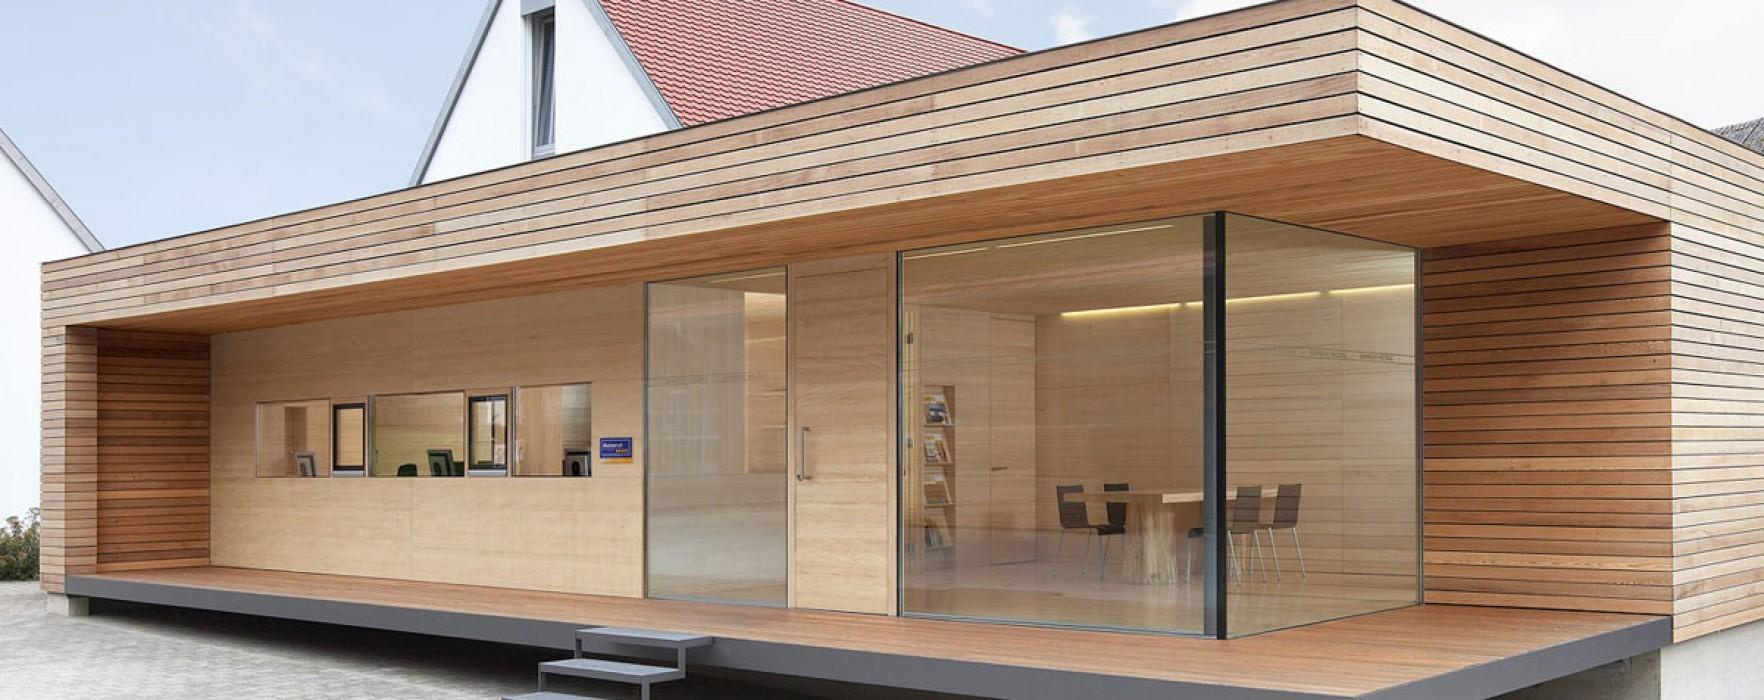 Una casa prefabbricata in svizzera for Case di legno in romania